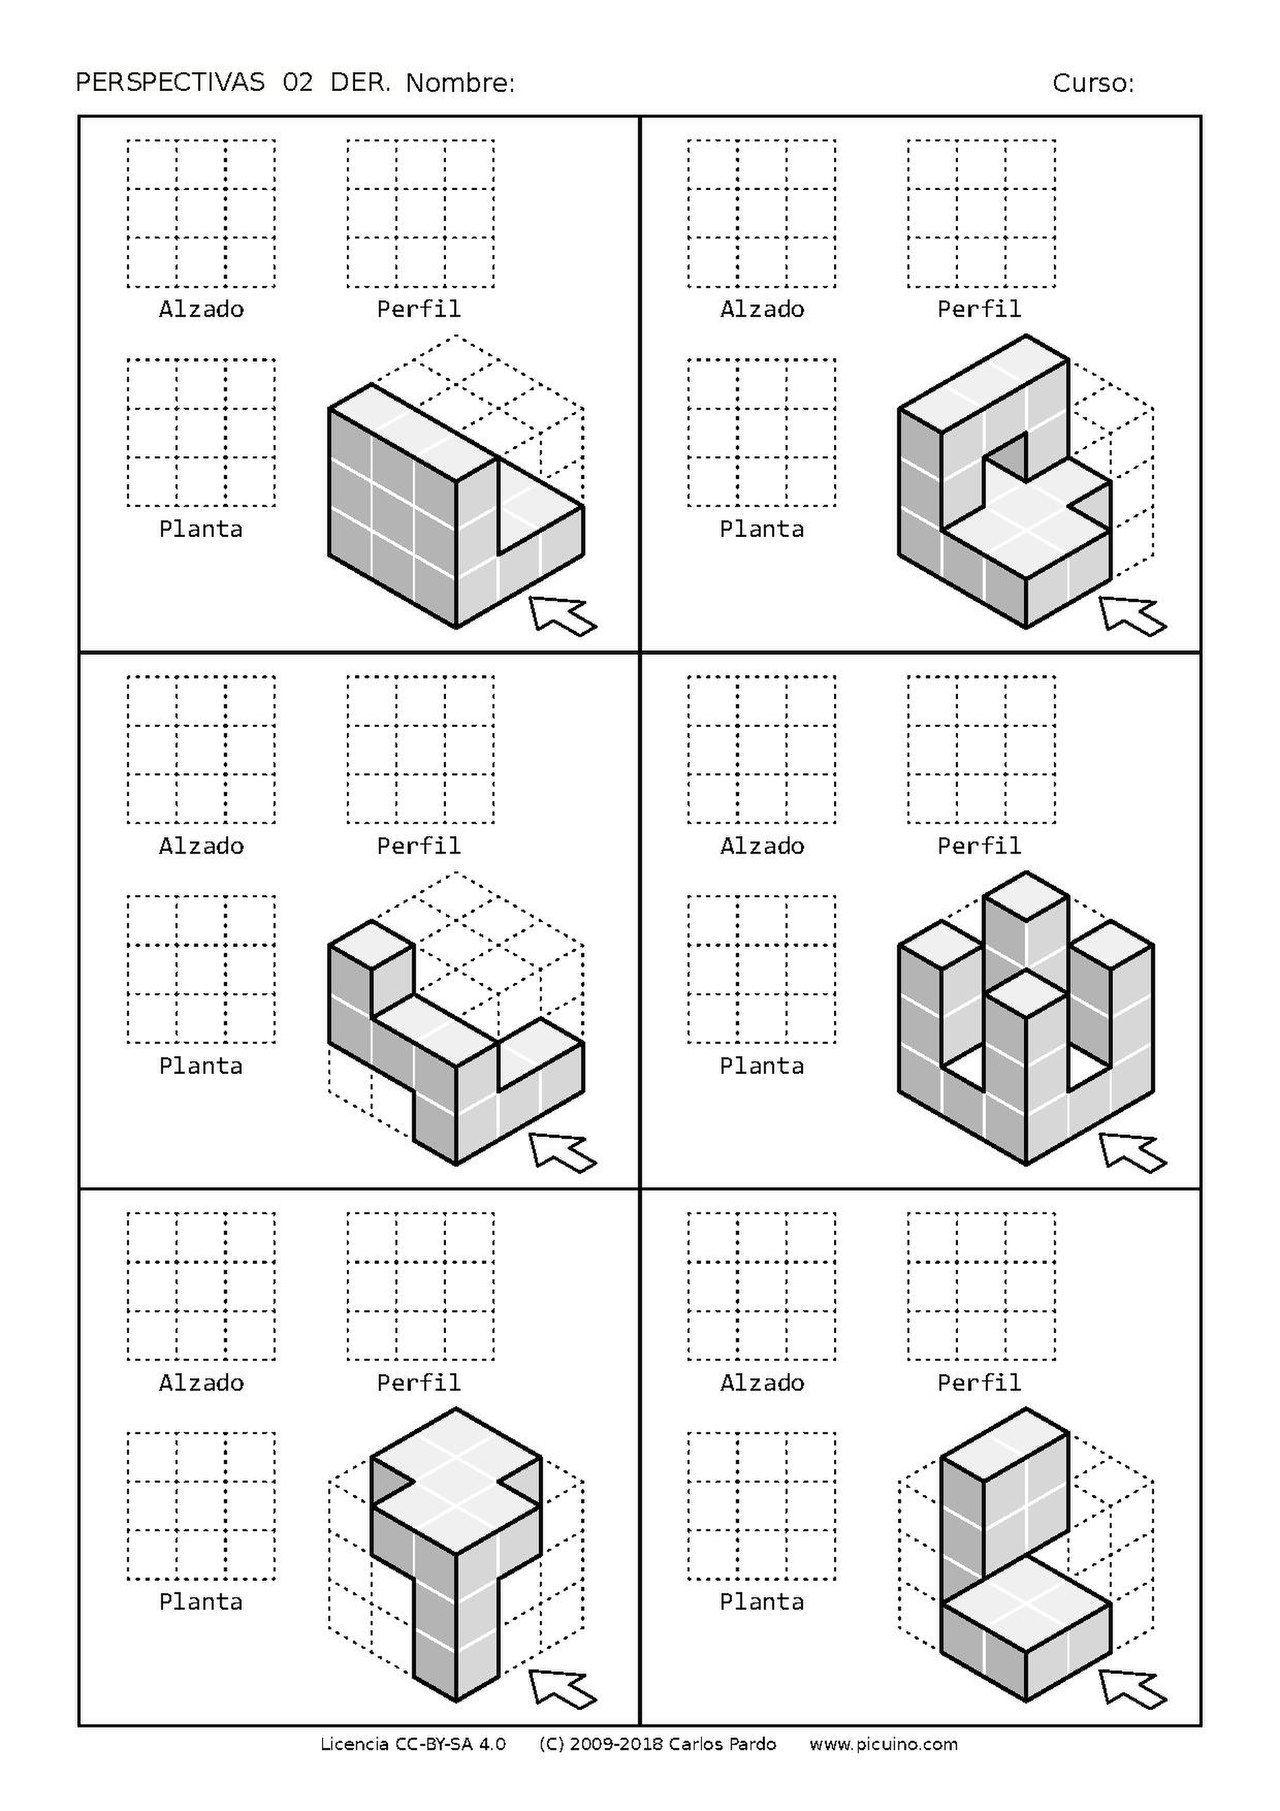 Ejercicios De Vistas Y Perspectivas Alzado Derecho Piezas Con Vistas Ocultas V01 Geometric Drawing Isometric Drawing Isometric Drawing Exercises